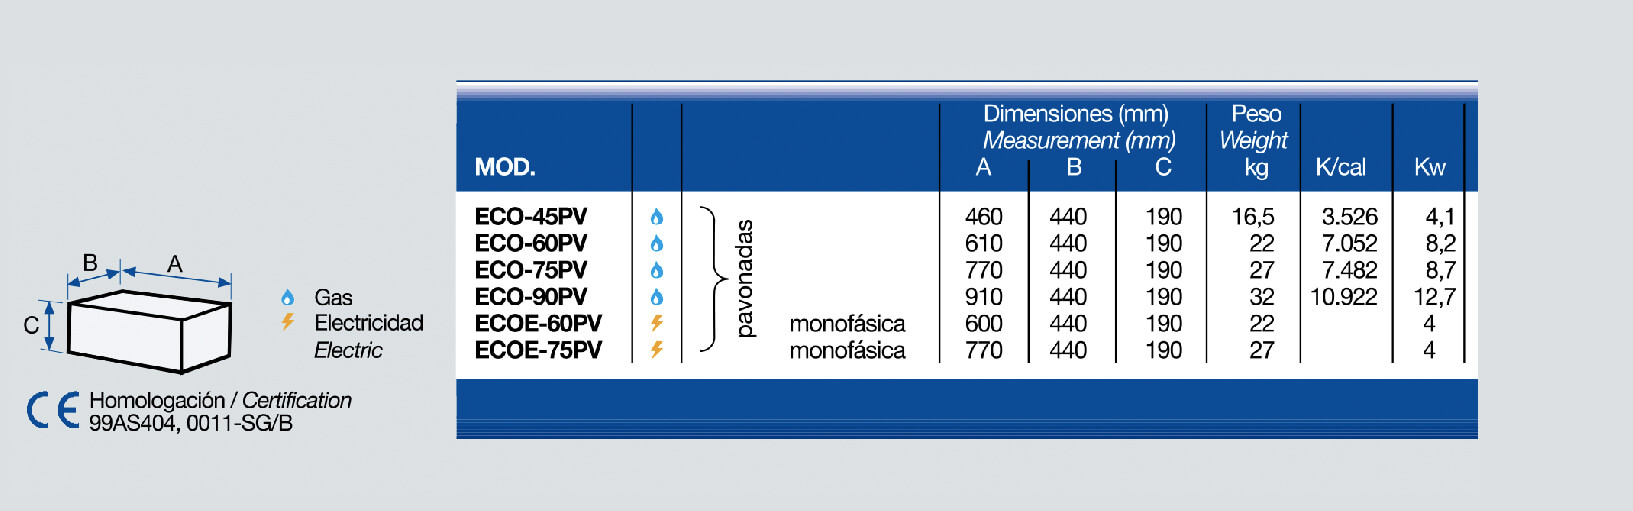 Dimensiones planchas pavonadas